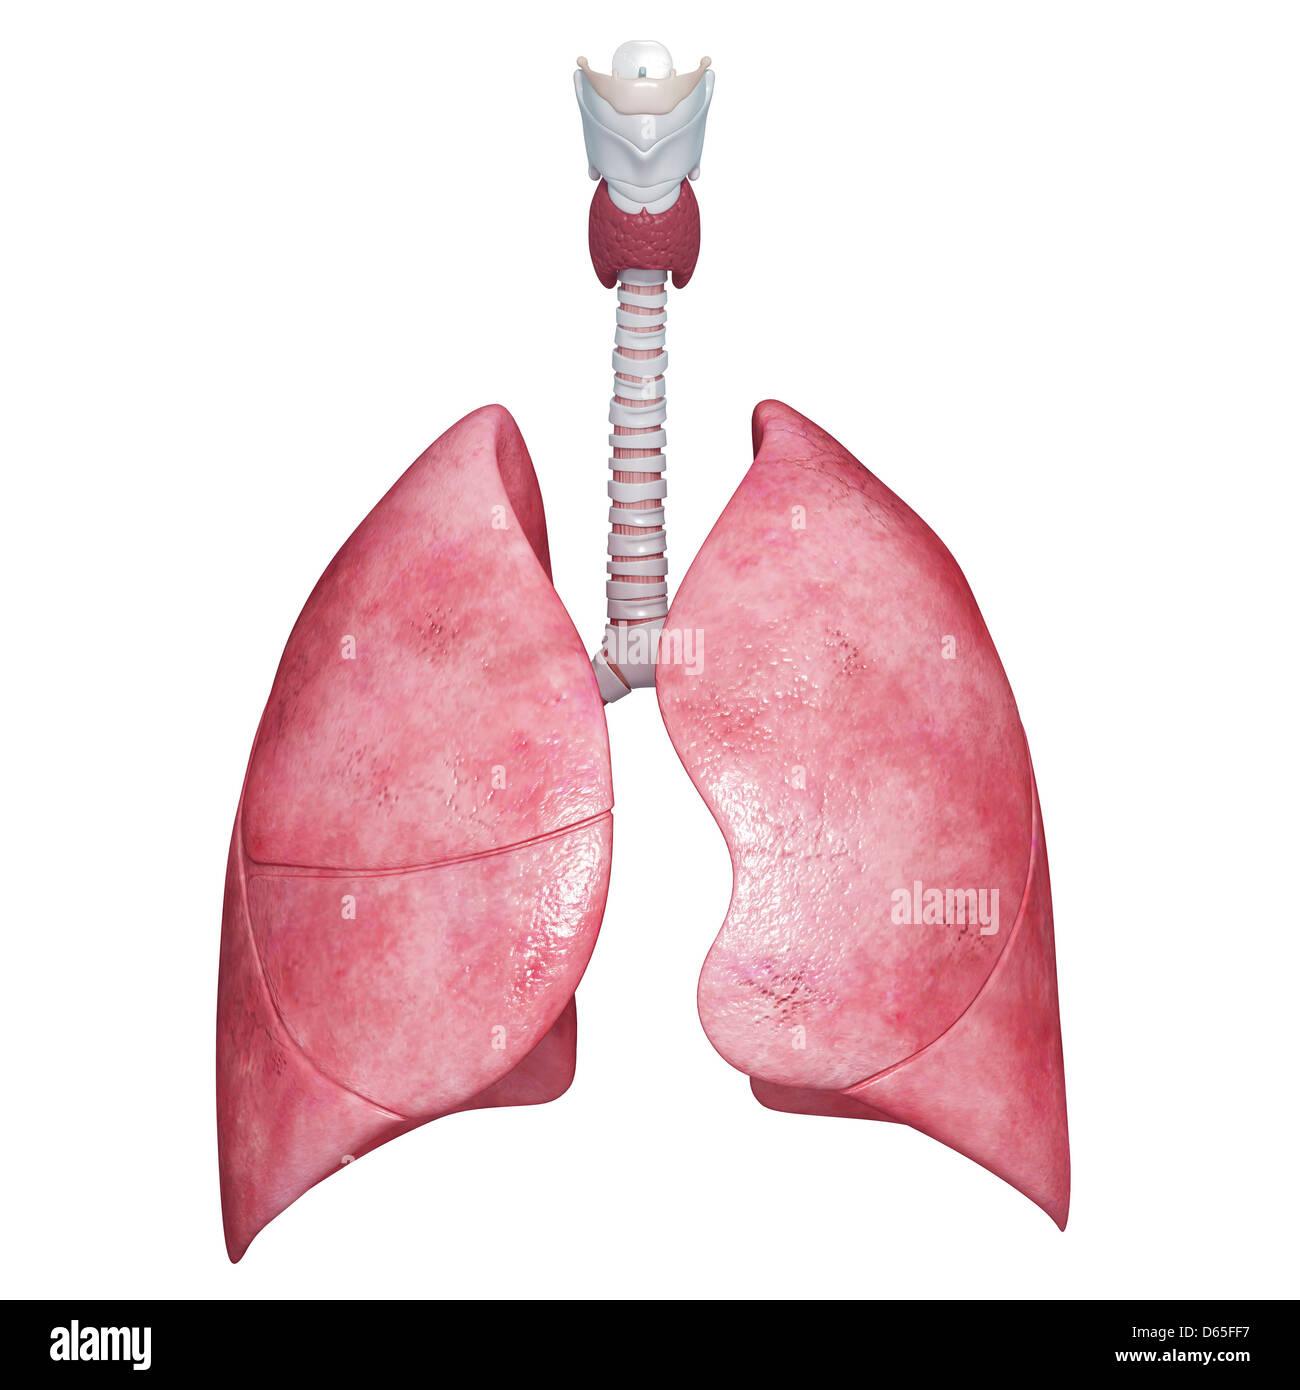 Menschliche Lunge, artwork Stockfoto, Bild: 55440987 - Alamy